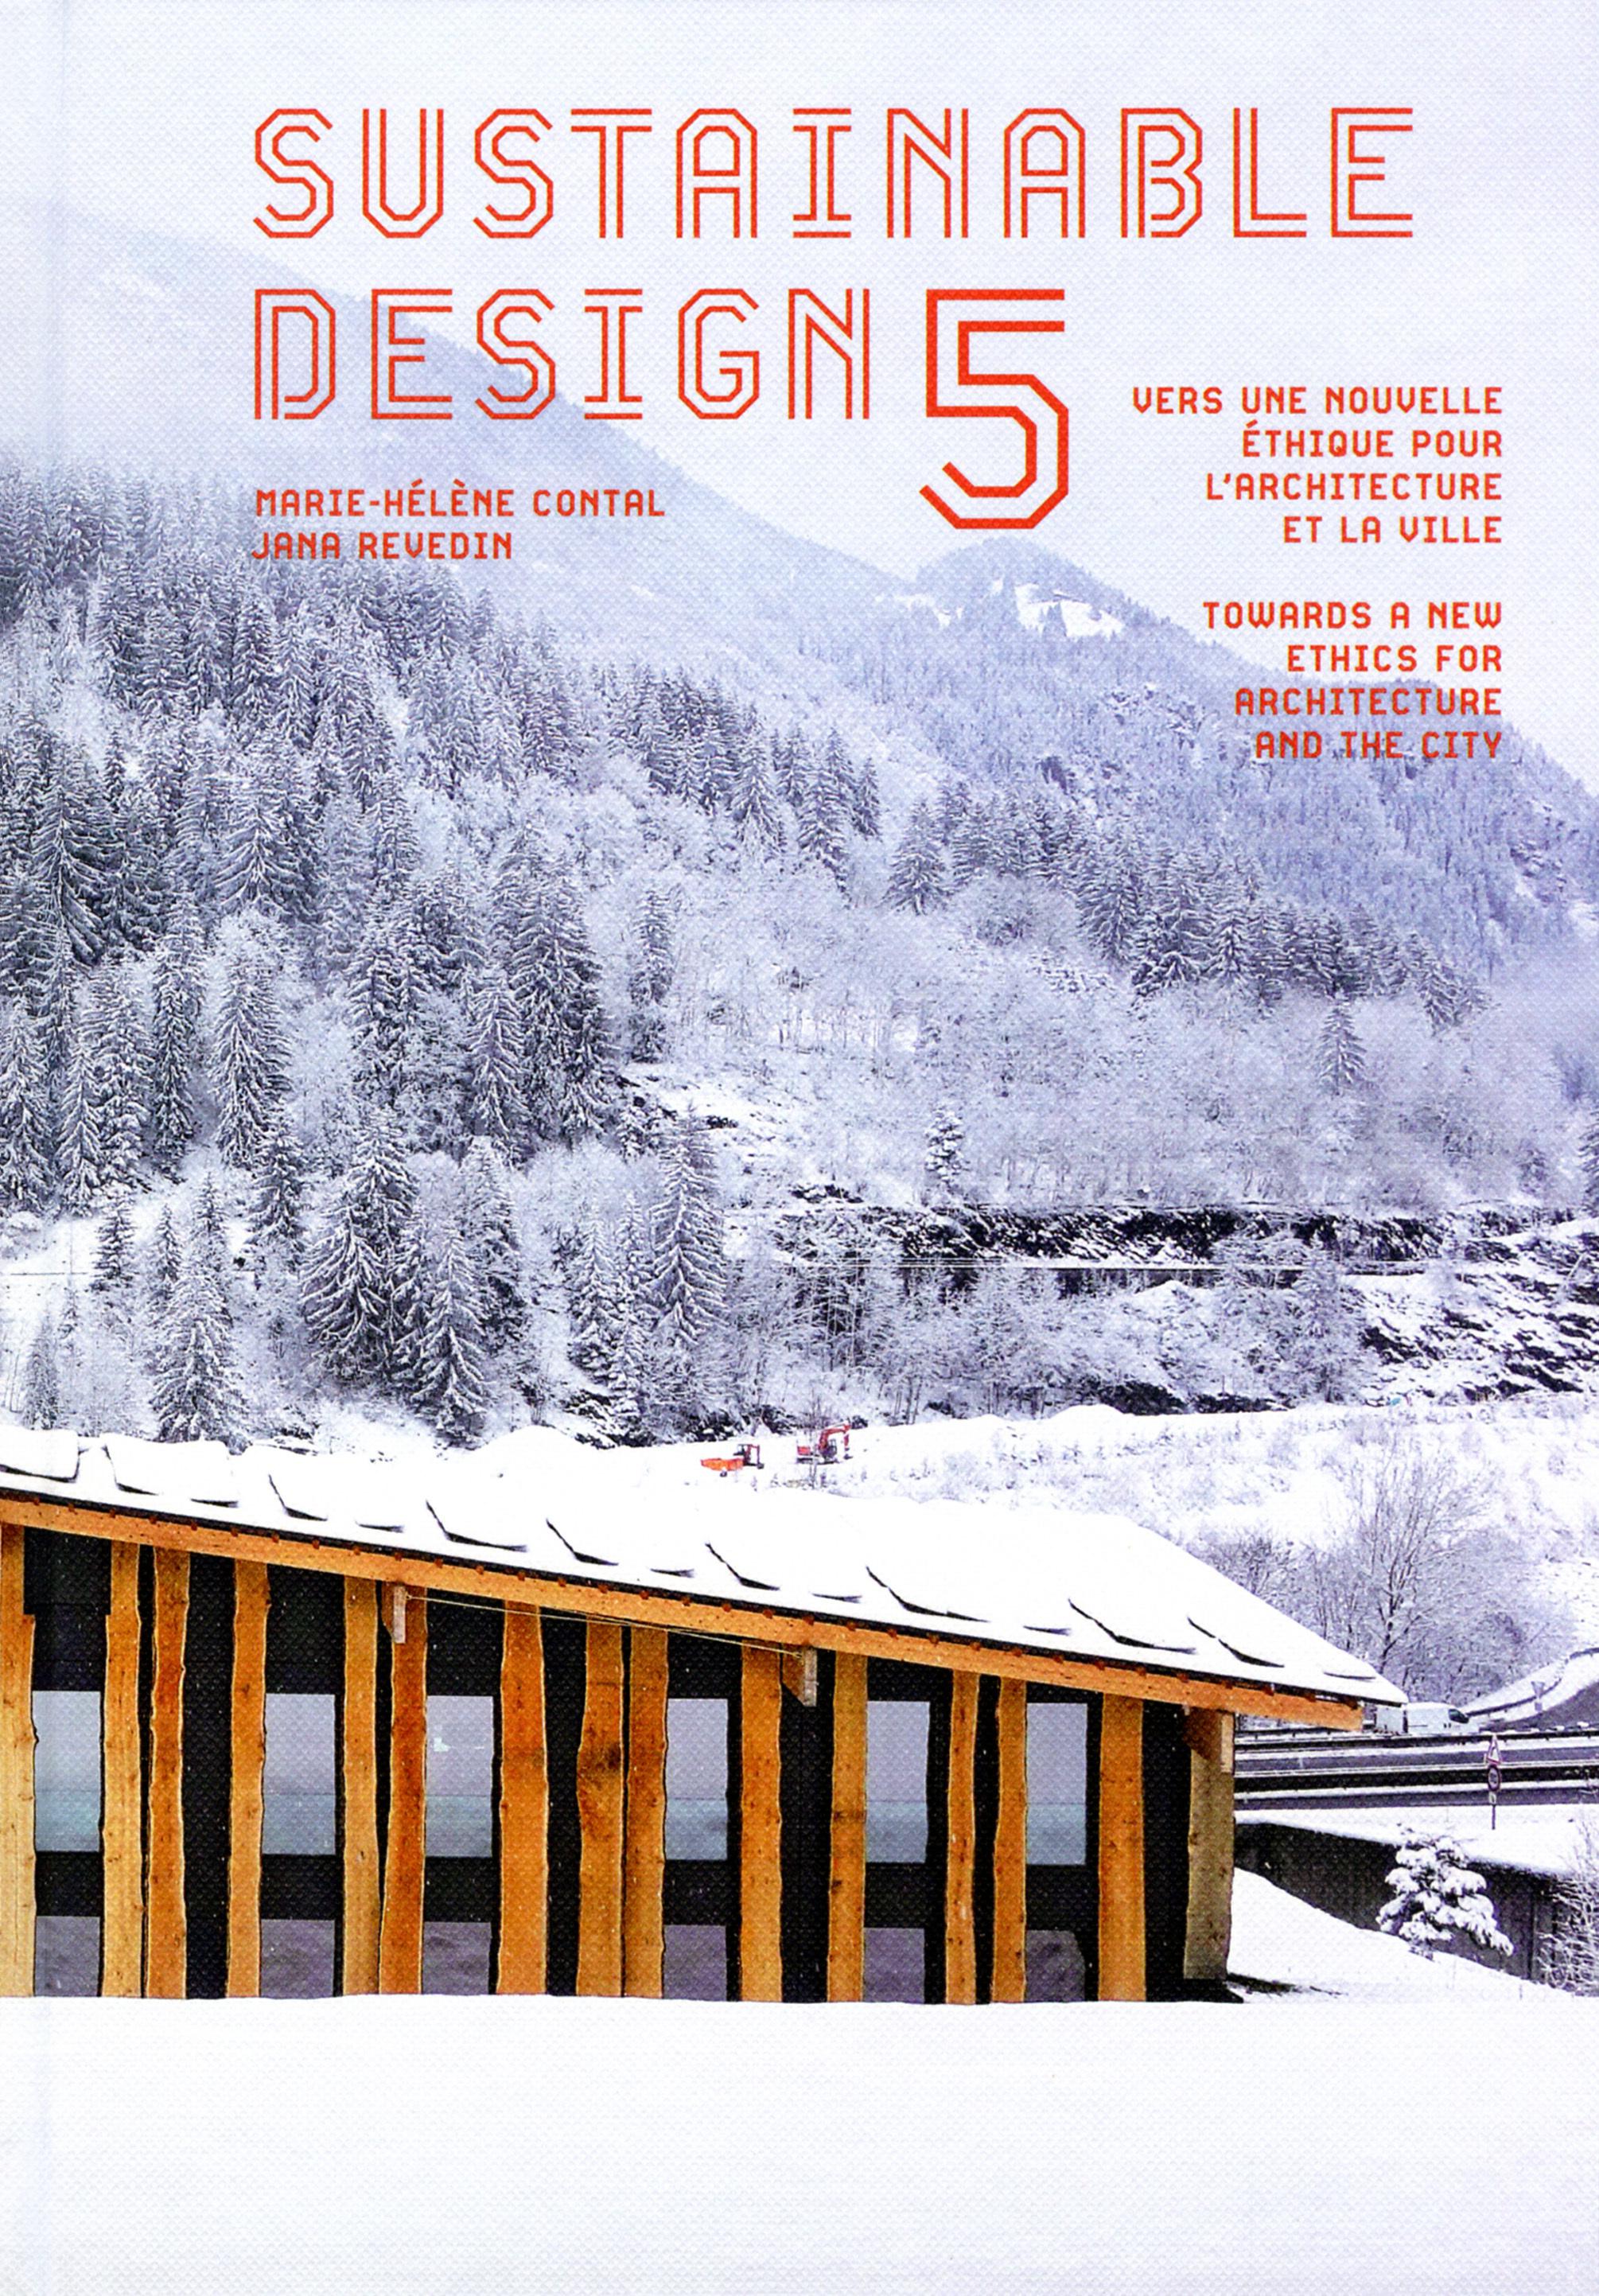 SUSTAINABLE DESIGN 5 - VERS UNE NOUVELLE ETHIQUE POUR L'ARCHITECTURE ET LA VILLE